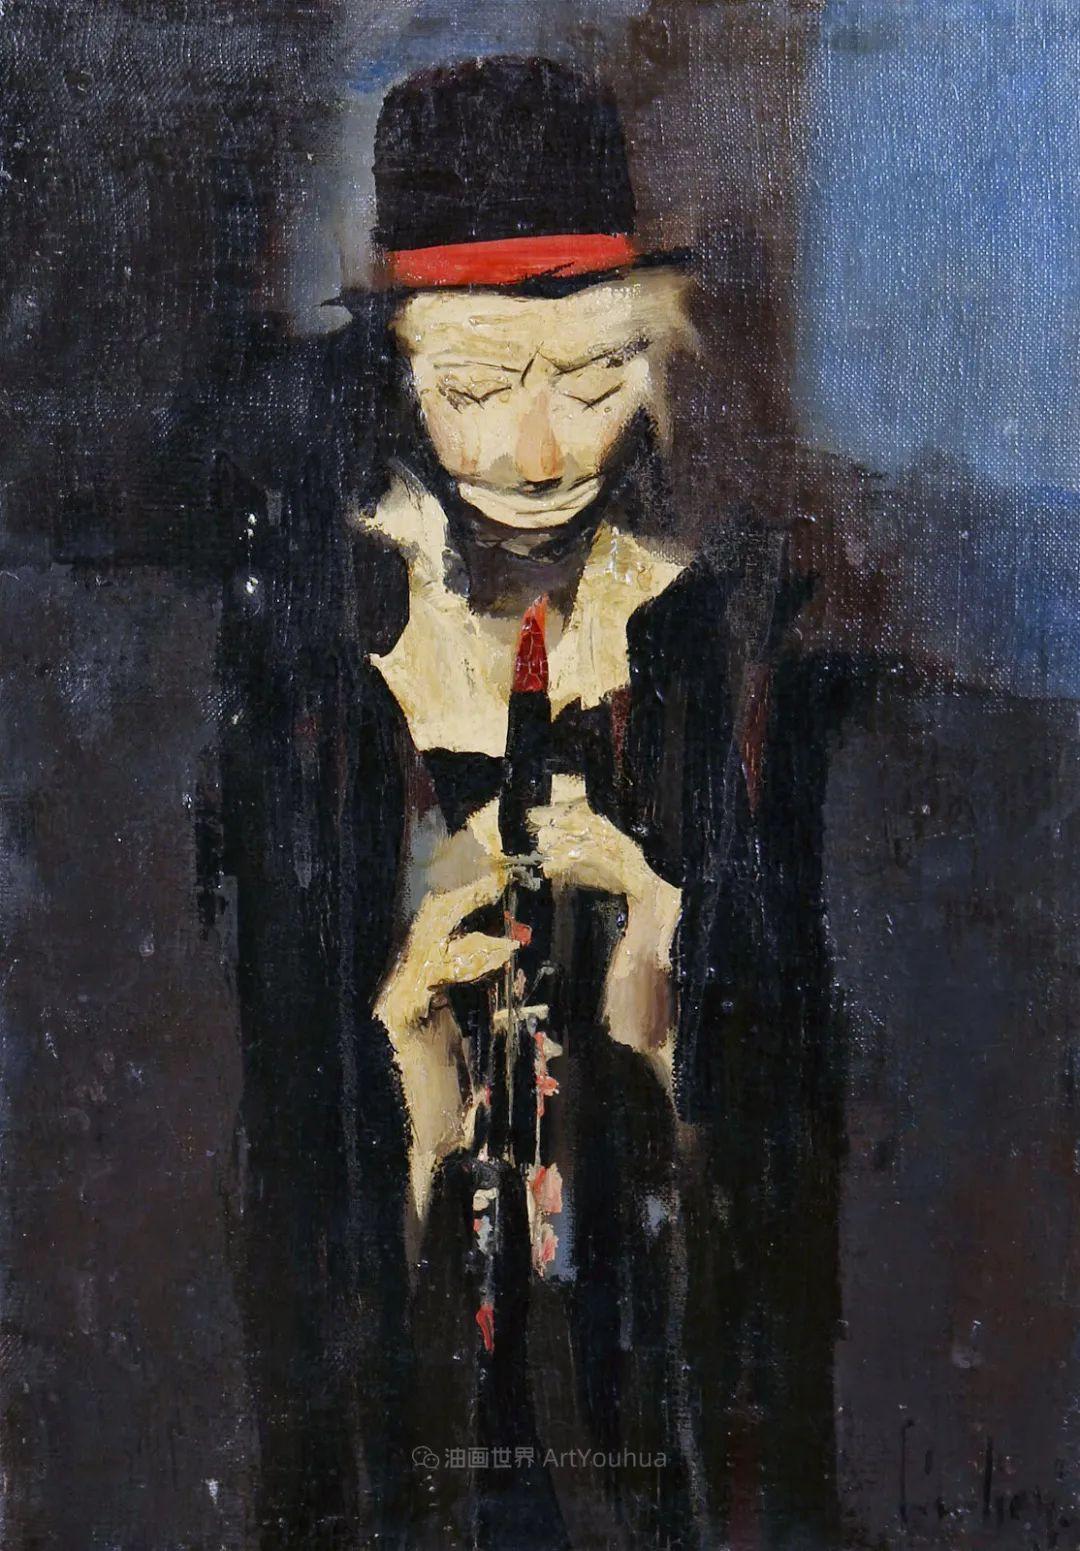 意大利画家尼古拉·辛巴里作品: 色块之美插图95